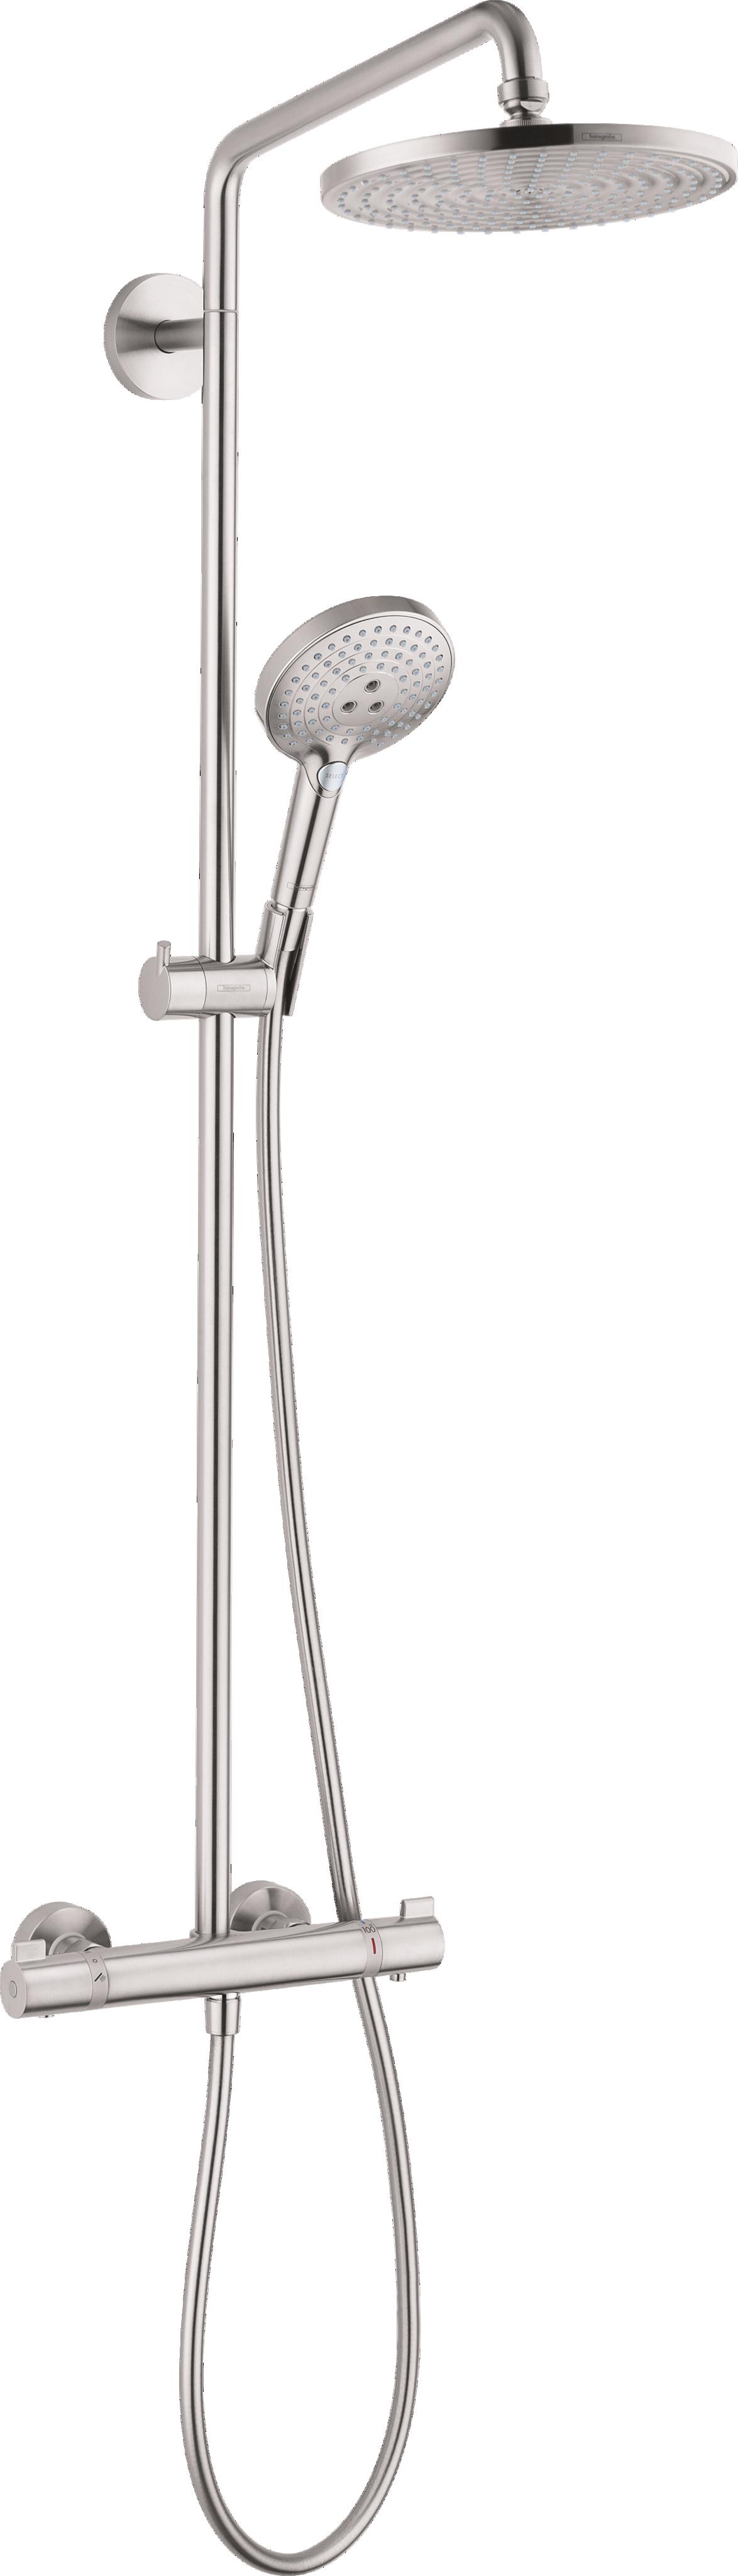 Hansgrohe Showerpipe 240 1-Jet, 2.5 GPM